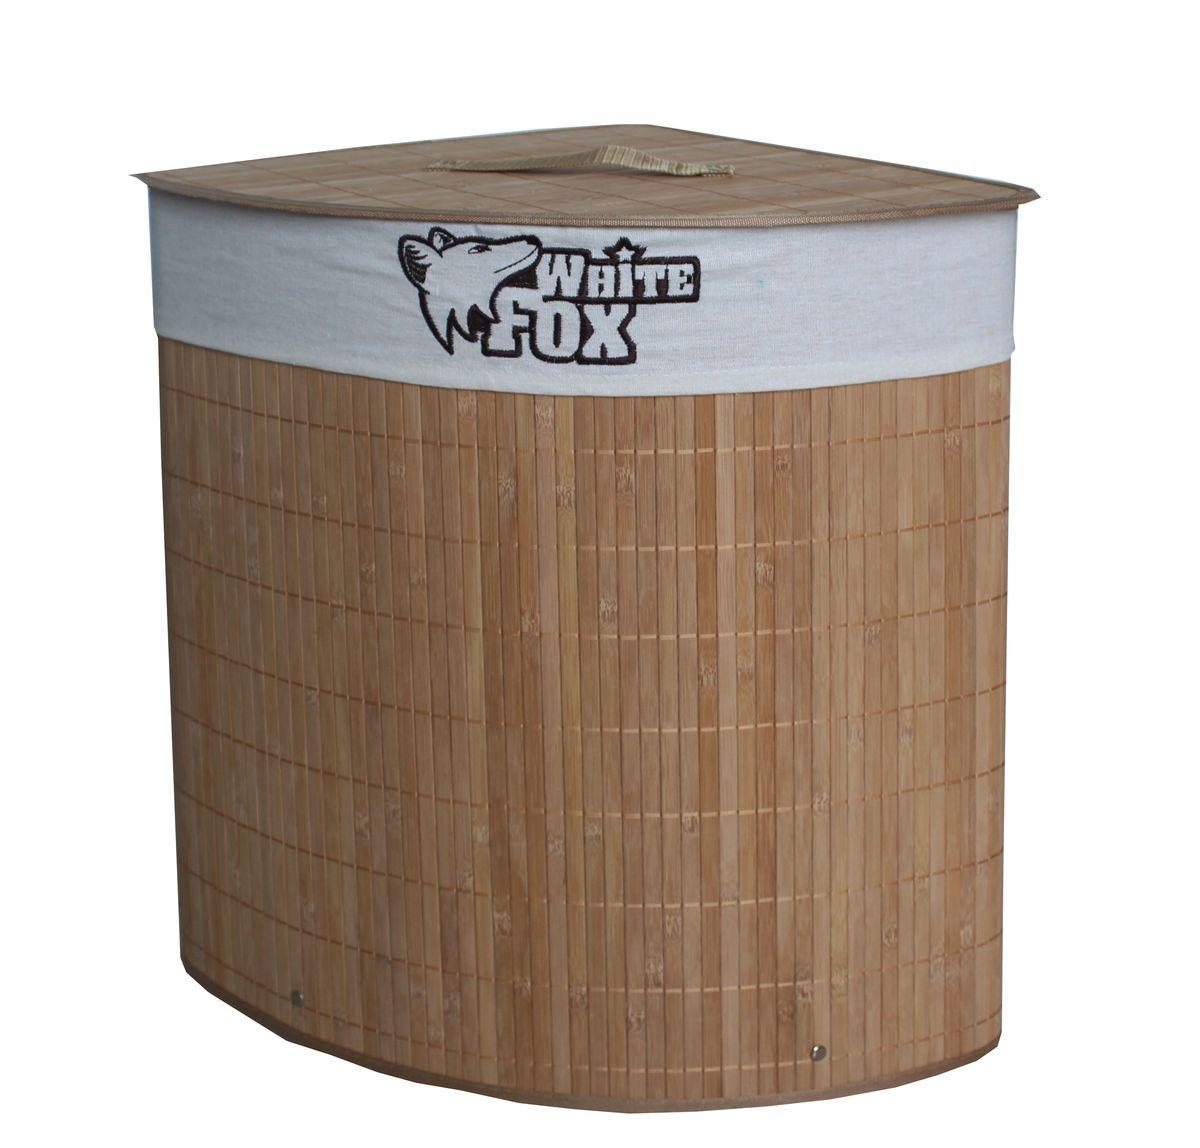 Корзина для белья White Fox Bamboo Standart, угловаяWBLA10-213Корзина для белья White Fox Bamboo Standart предназначена для организации и хранения белья. Съемный чехол можно стирать в стиральной машине при деликатной стирке. Удобные ручки помогут перемещать корзину в любое удобное место. Угловая конструкция легко впишется в любой интерьер.